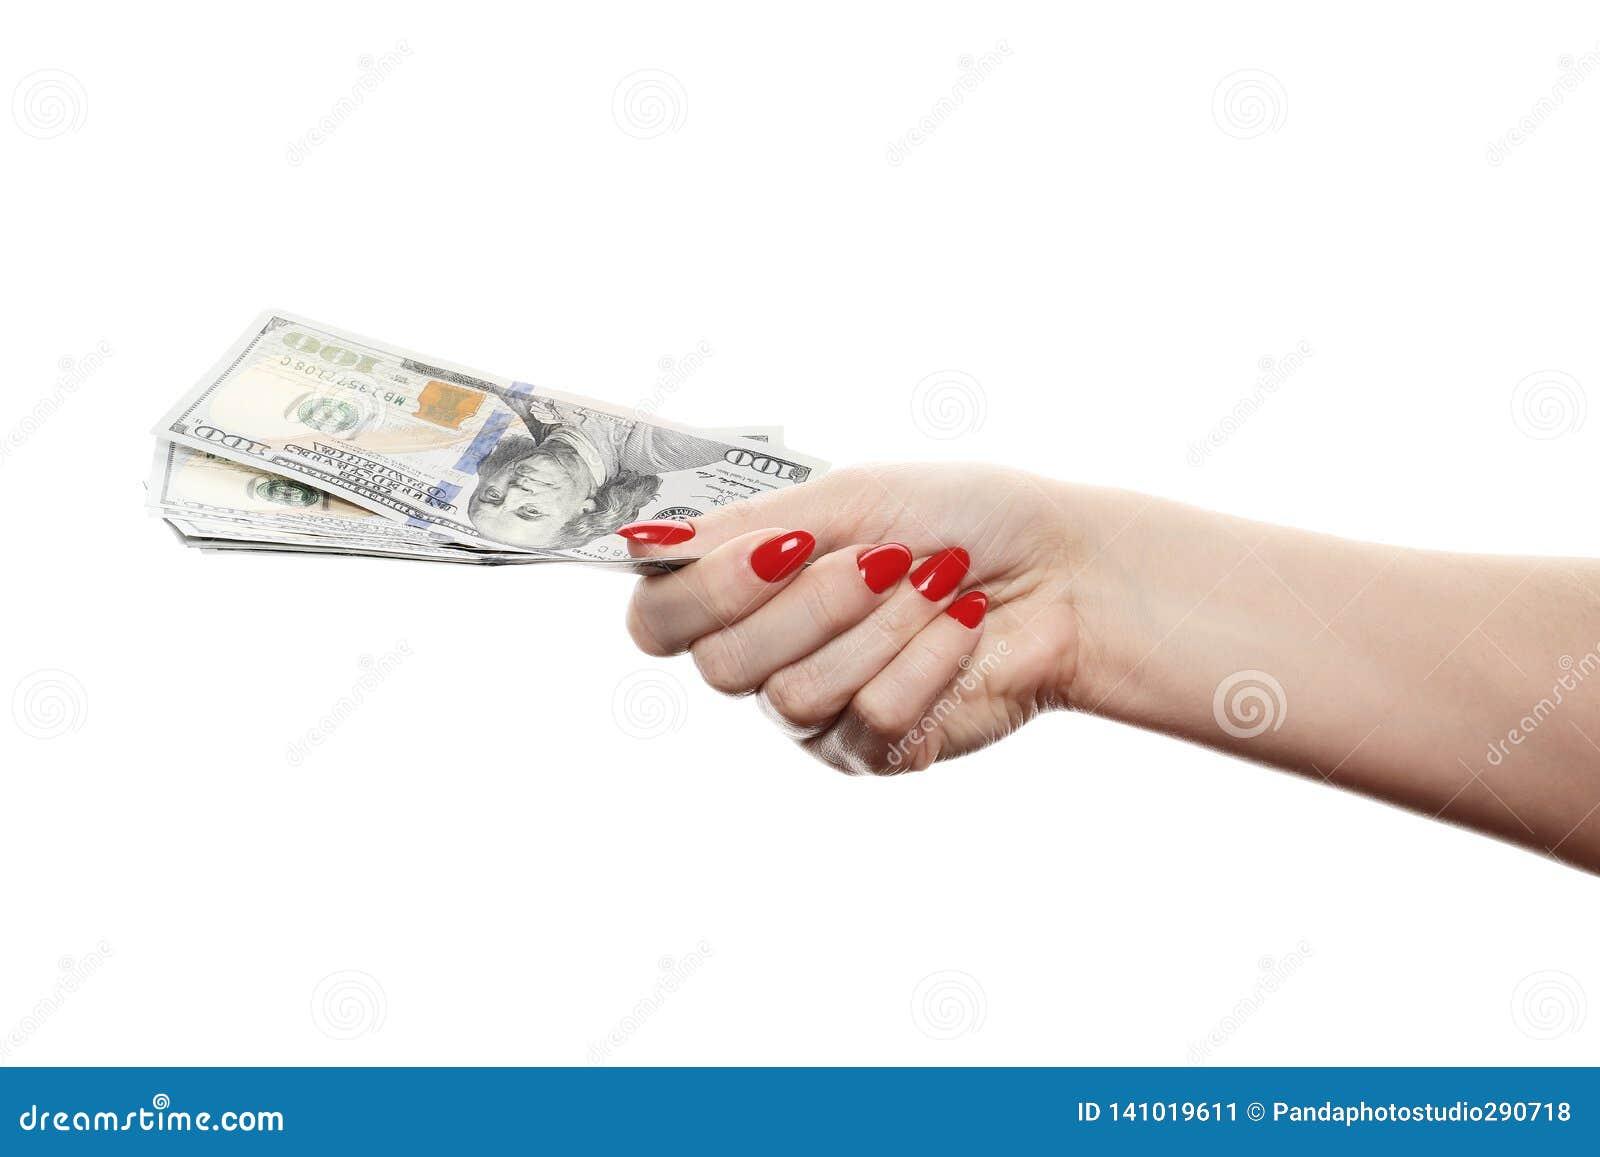 Hand mit dem Geld lokalisiert auf einem weißen Hintergrund